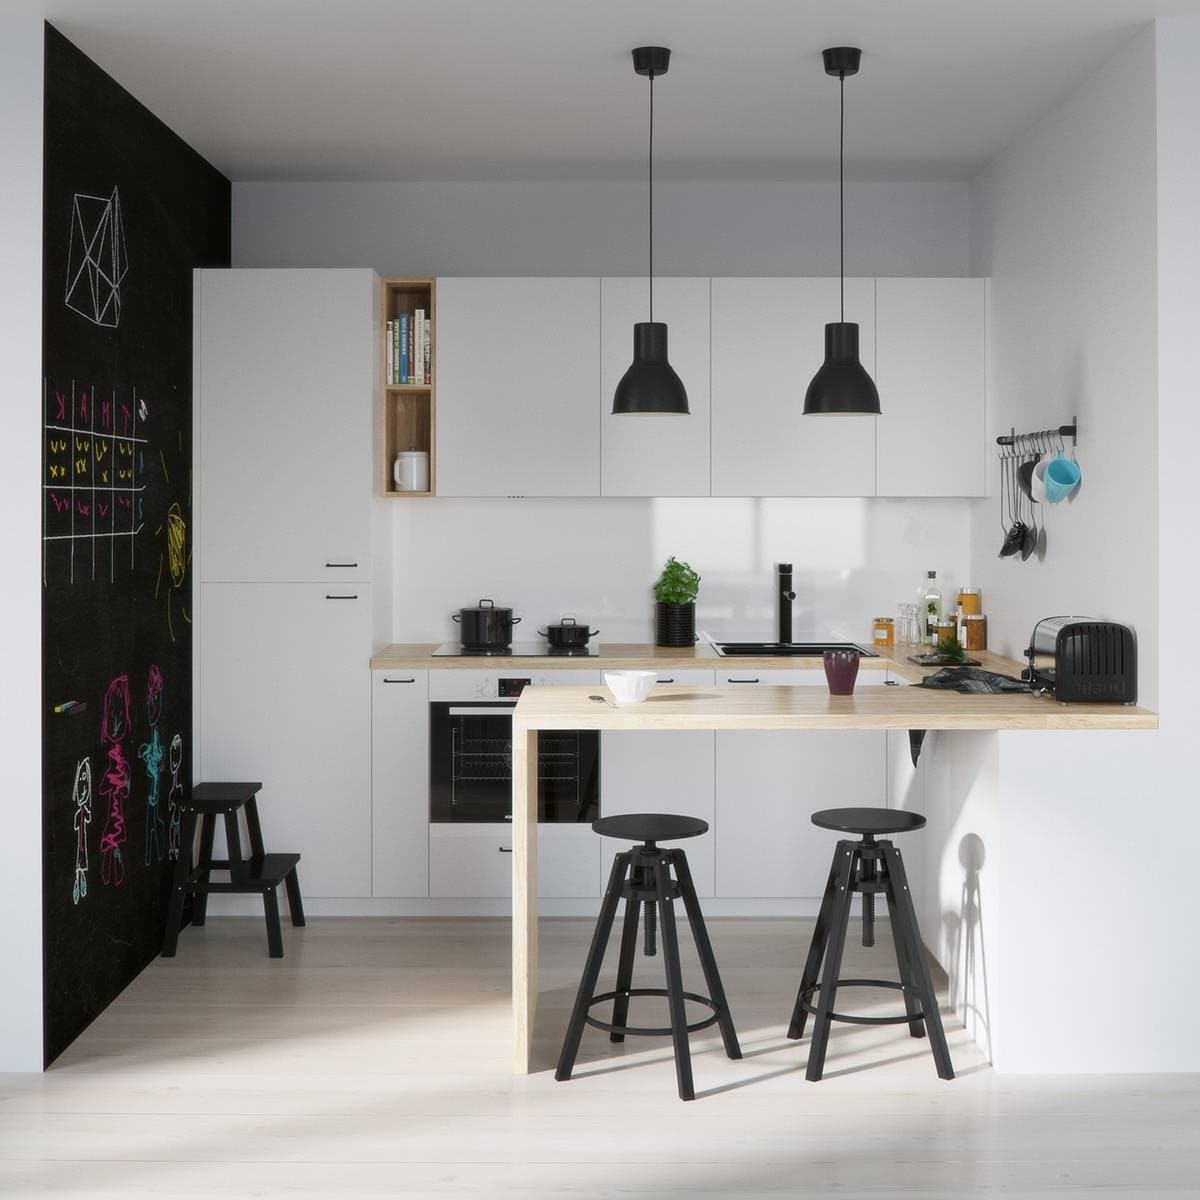 Несмотря на дефицит свободного пространства, маленькие кухни могут удачно сочетать в себе эстетику и лаконичность